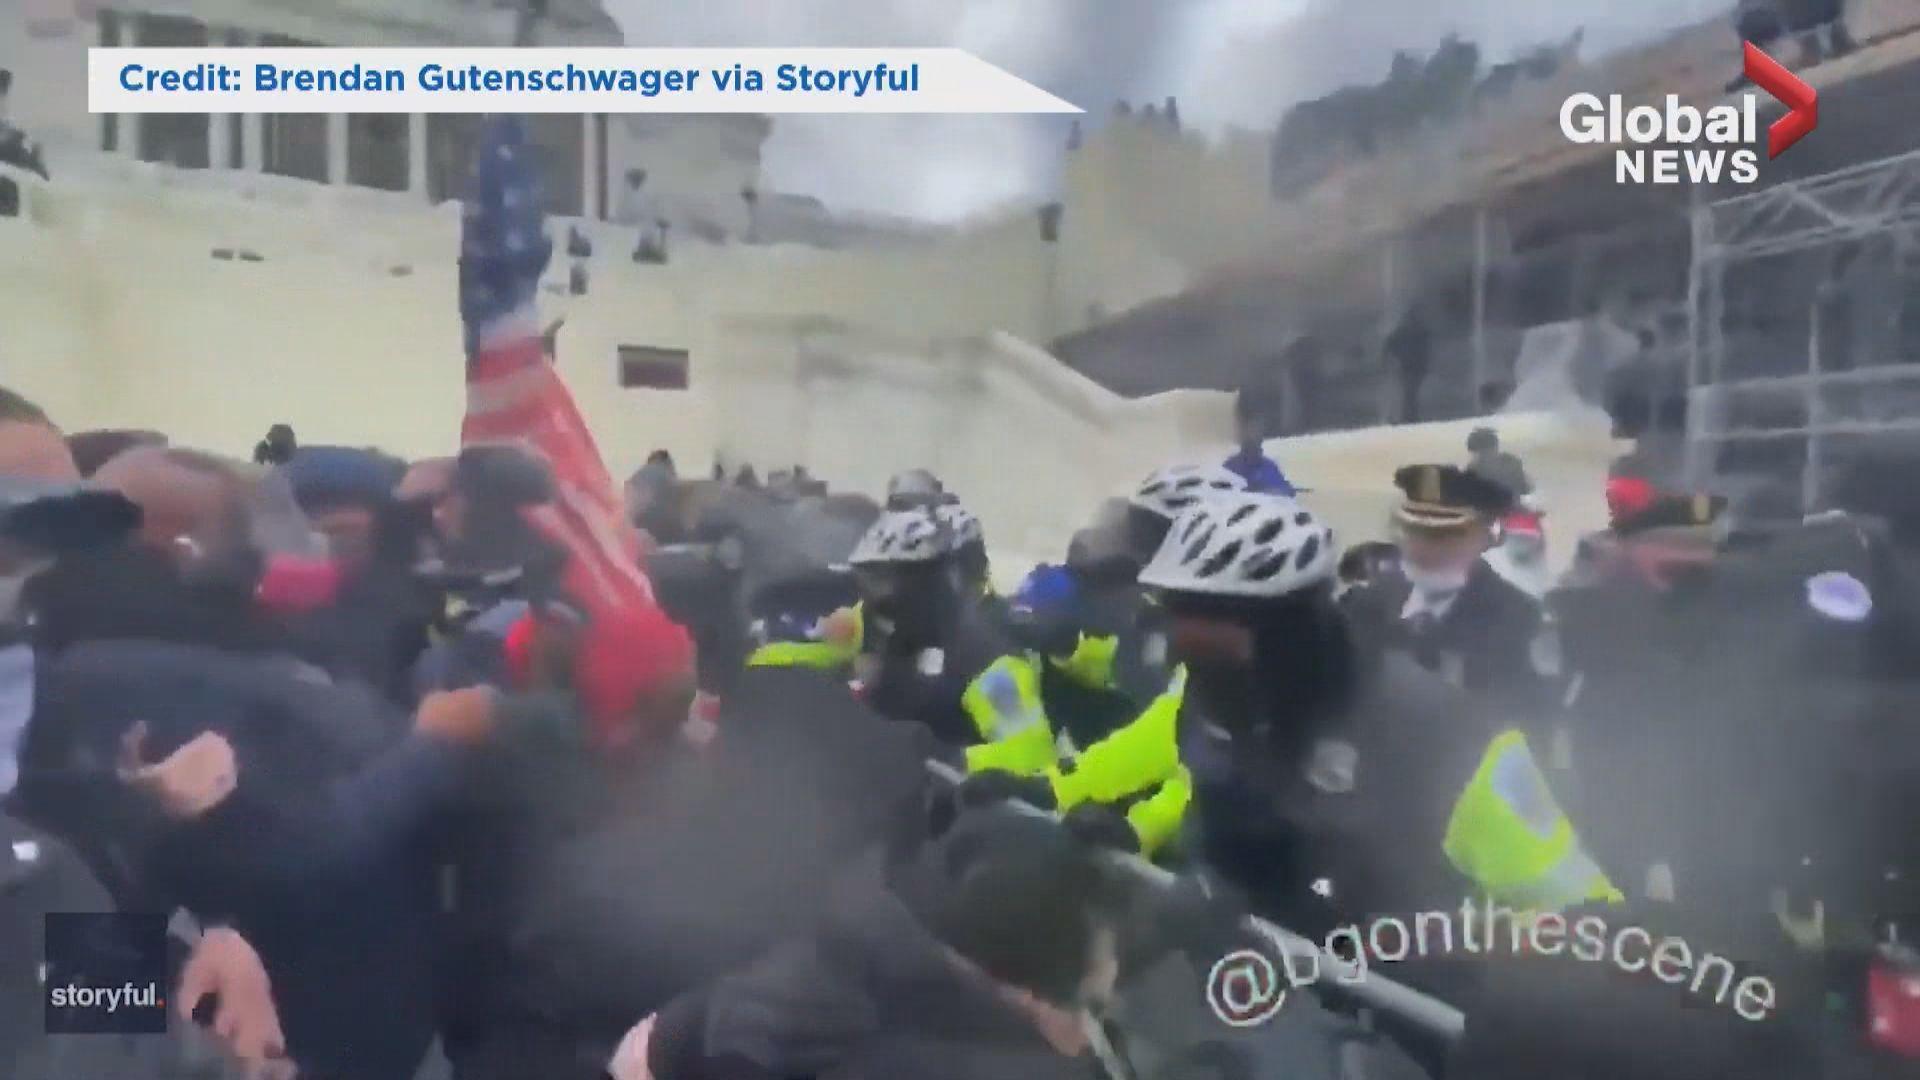 特朗普支持者集會演變衝突 華盛頓特區宵禁